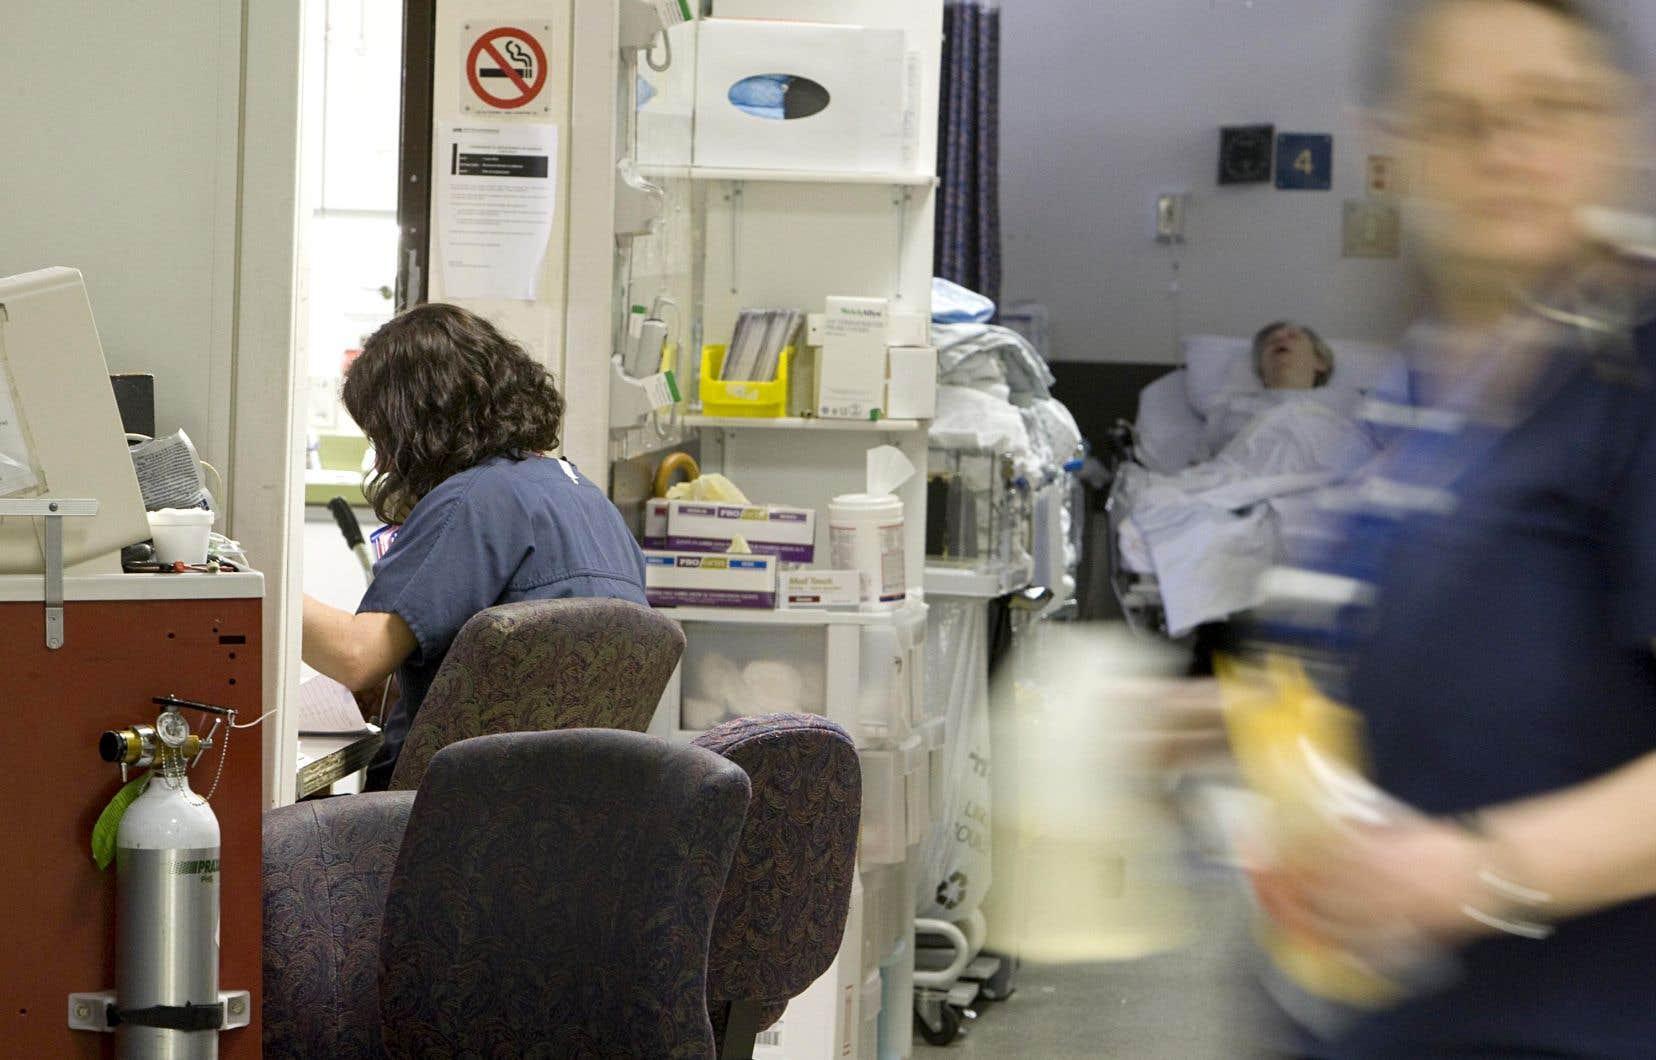 «L'Ordre des infirmières et infirmiers du Québec a récemment clarifié le Code de déontologie des infirmières et ne peut être invoqué pour imposer des heures supplémentaires», écrivent les auteurs.